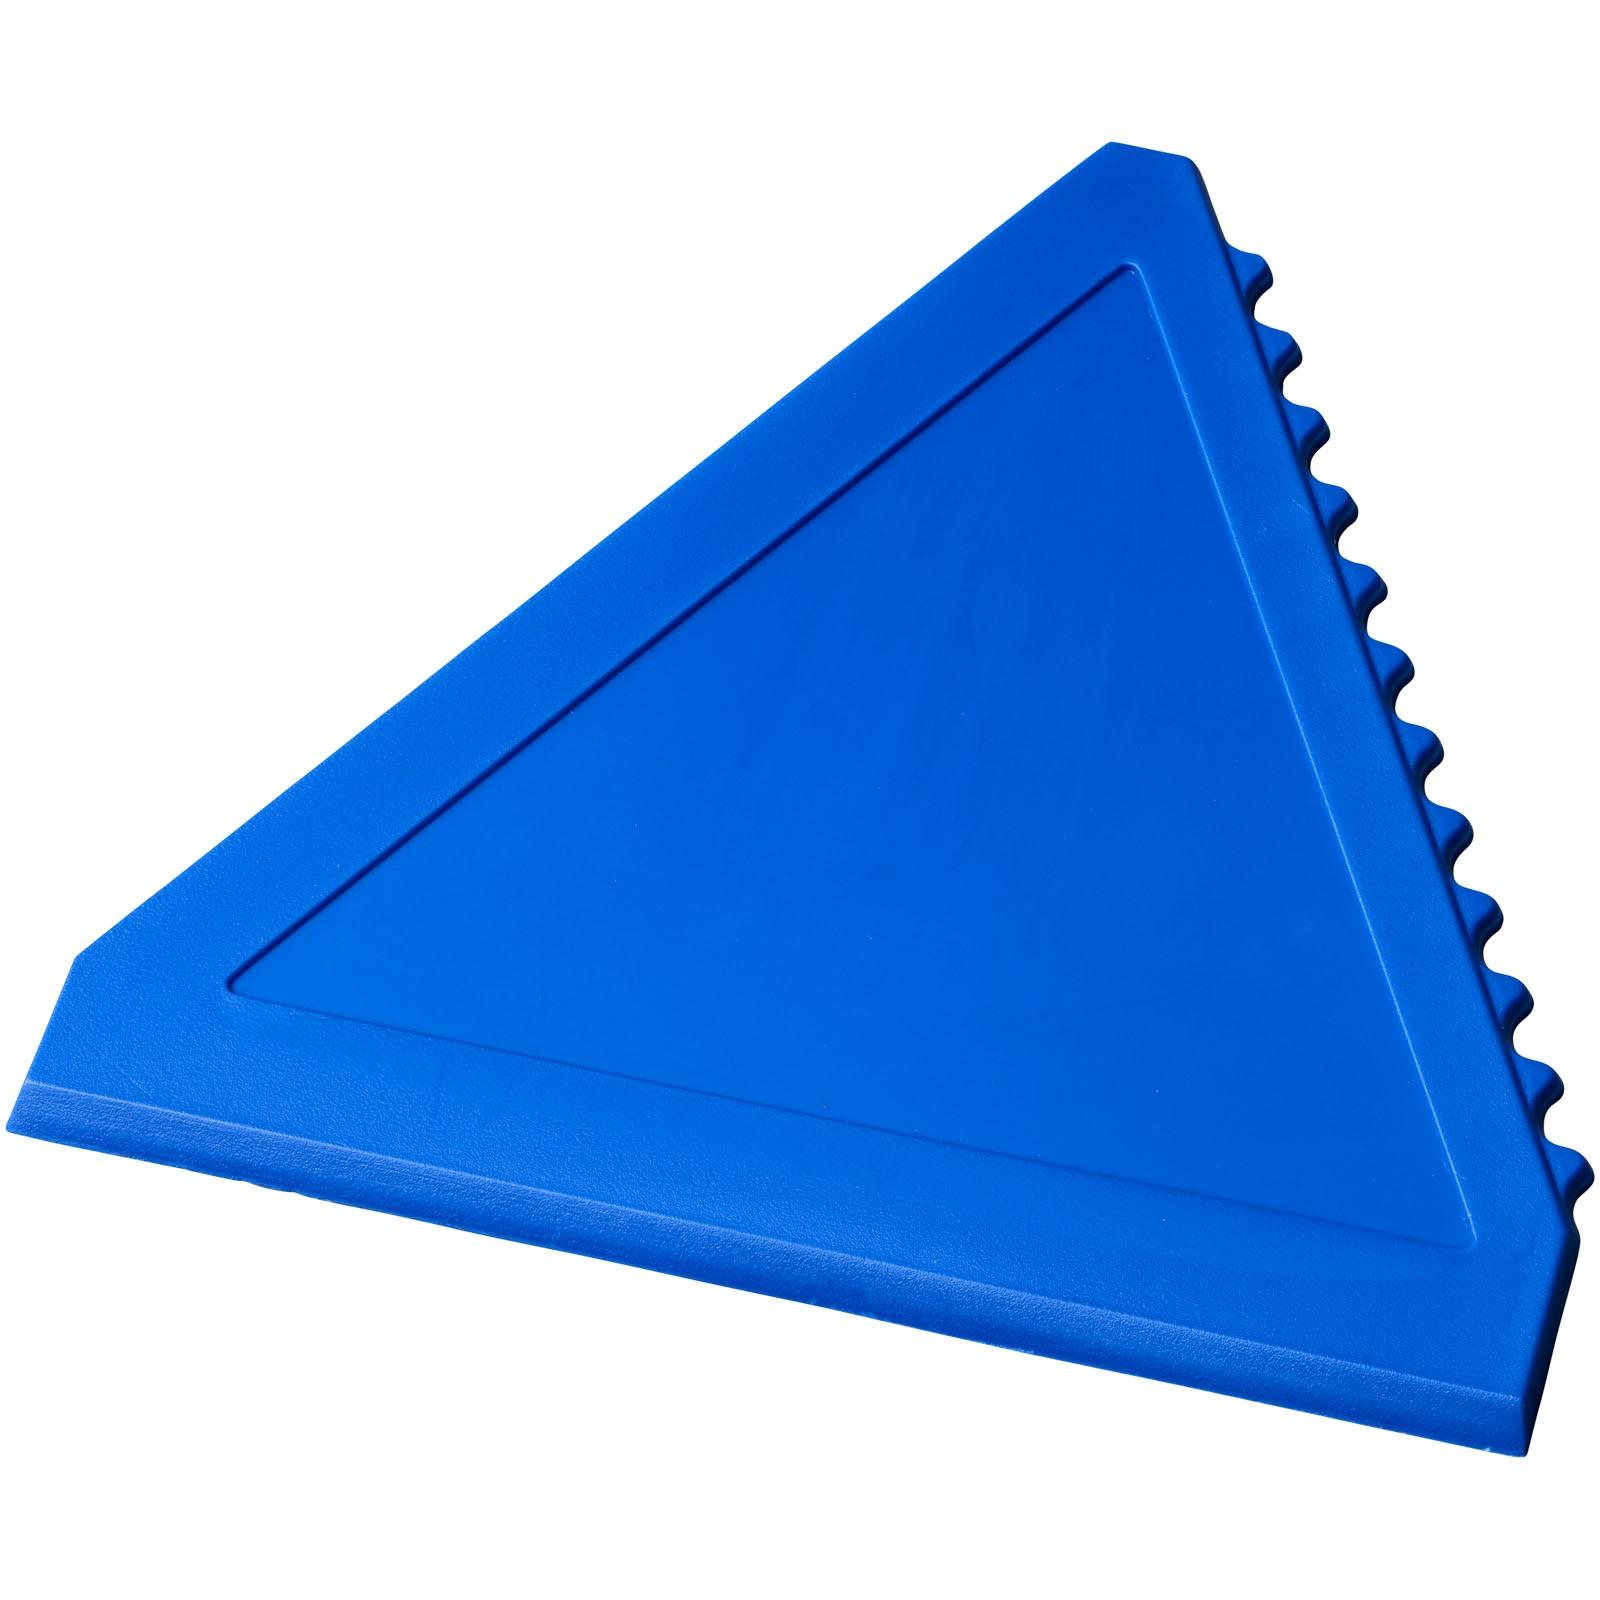 Trojúhelníková škrabka na led Averall - Modrá